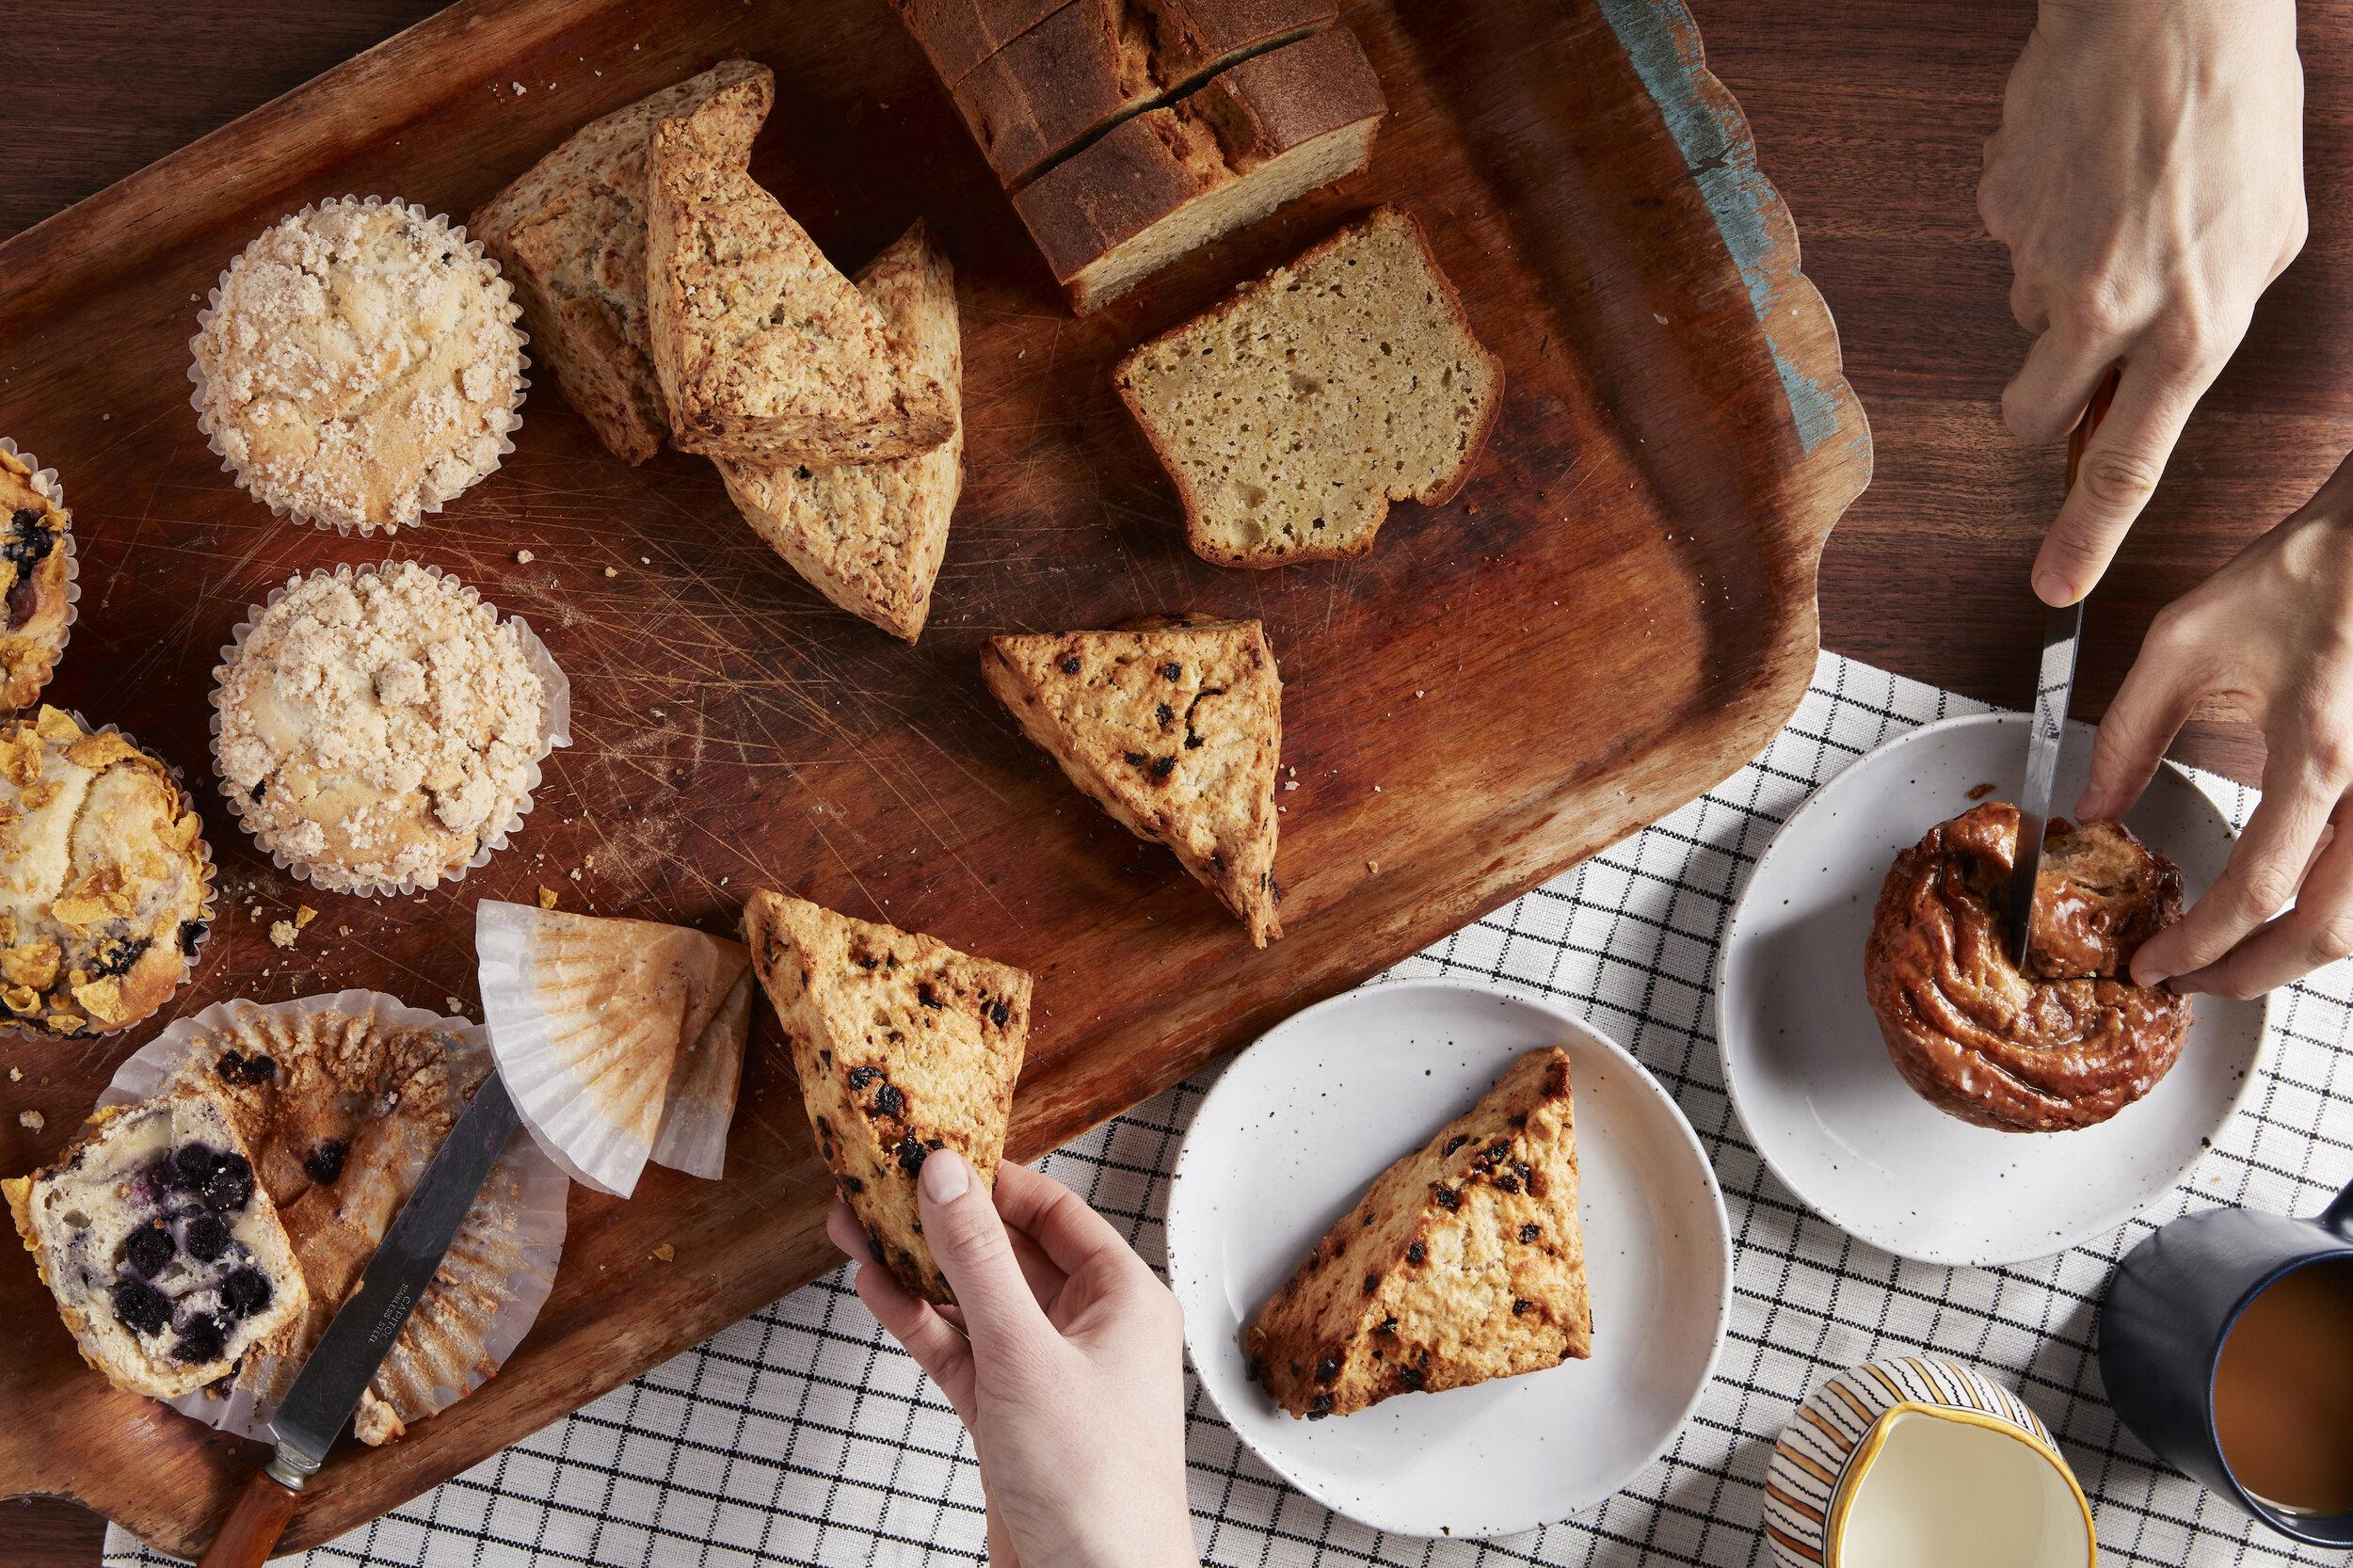 Muffins, Scones & Pistachio Cardamom Bread